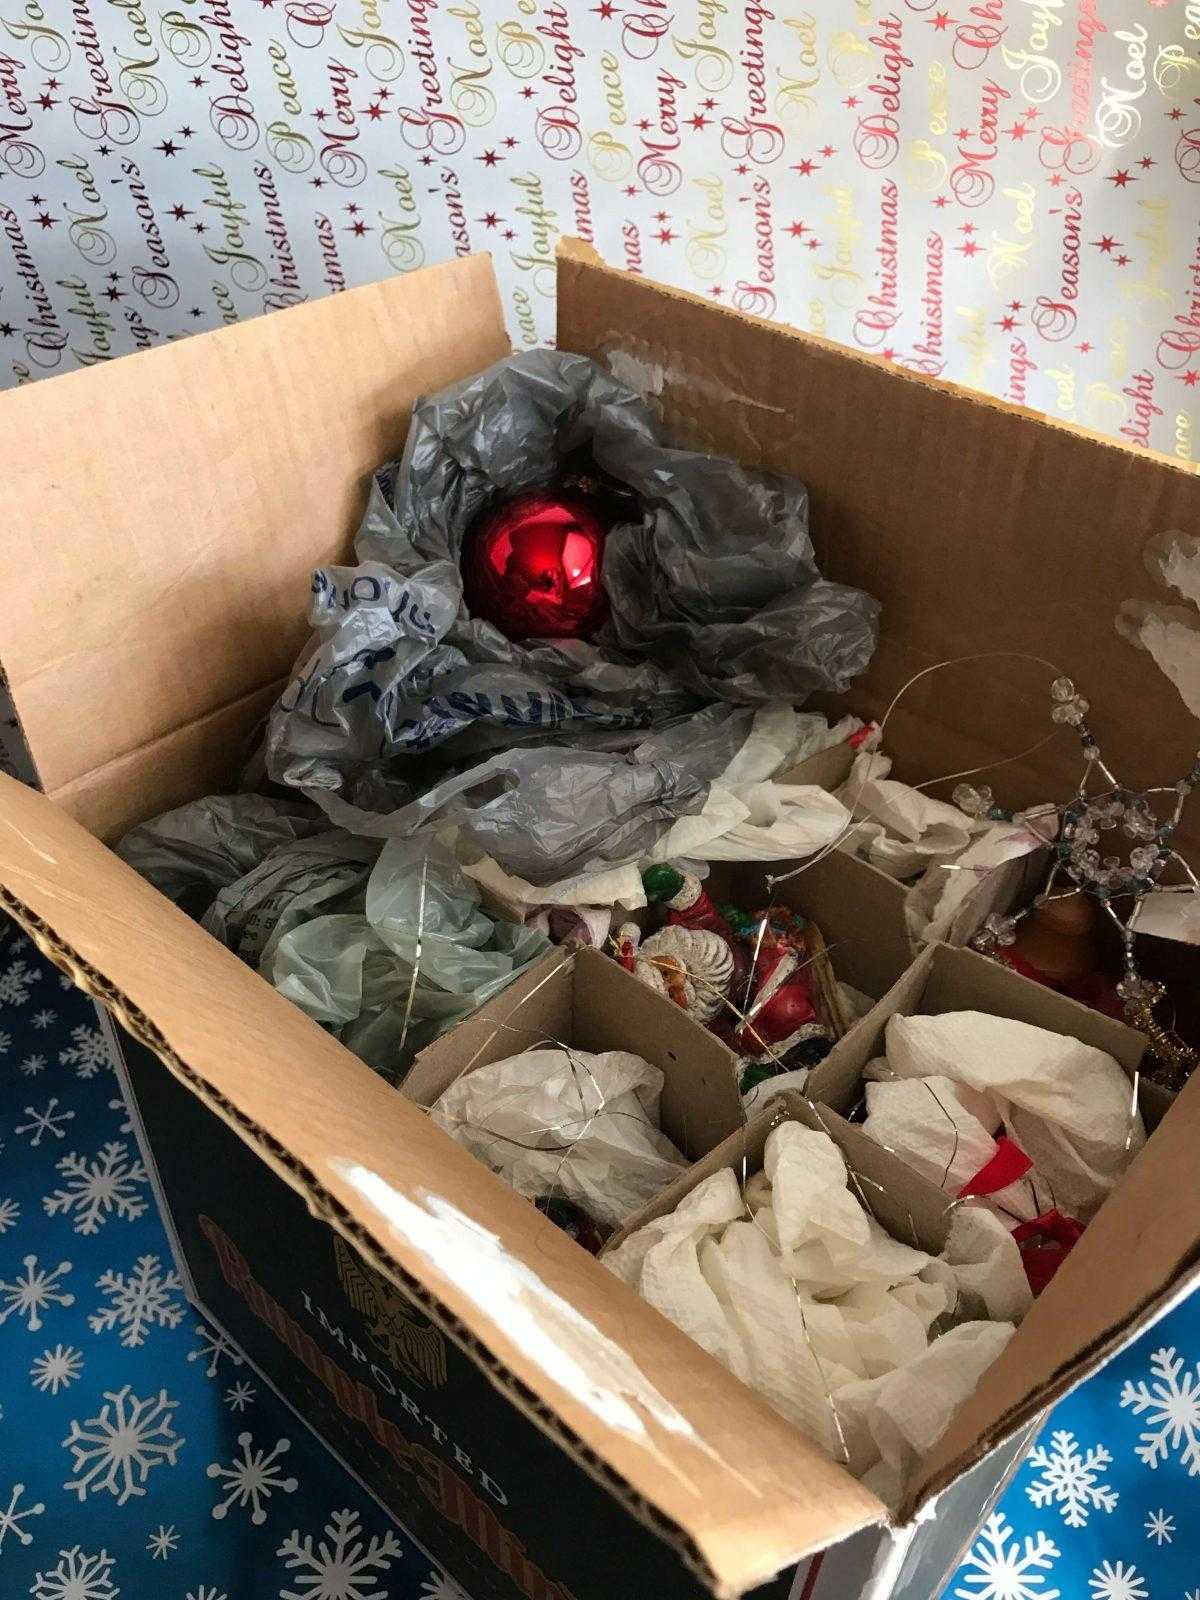 Weihnachtsdekoration einpacken in einen Flaschenkarton